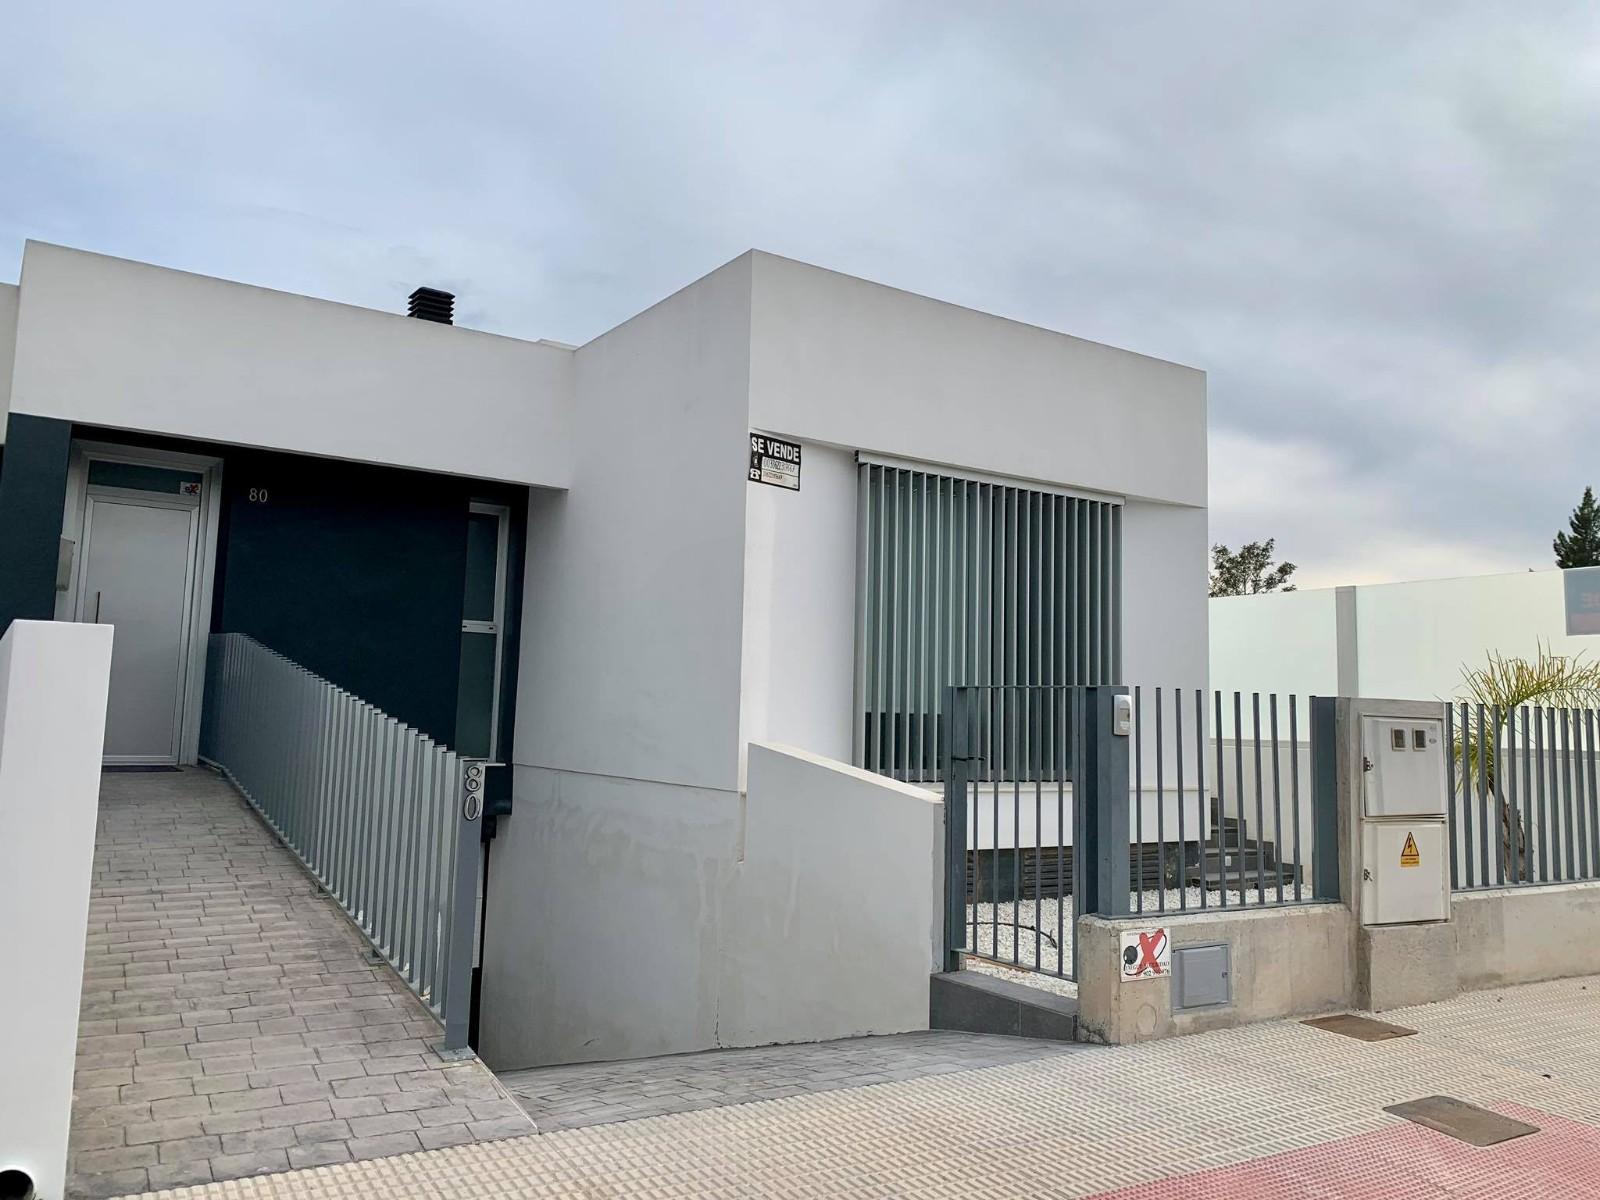 2 bedroom house / villa for sale in Dolores, Costa Blanca